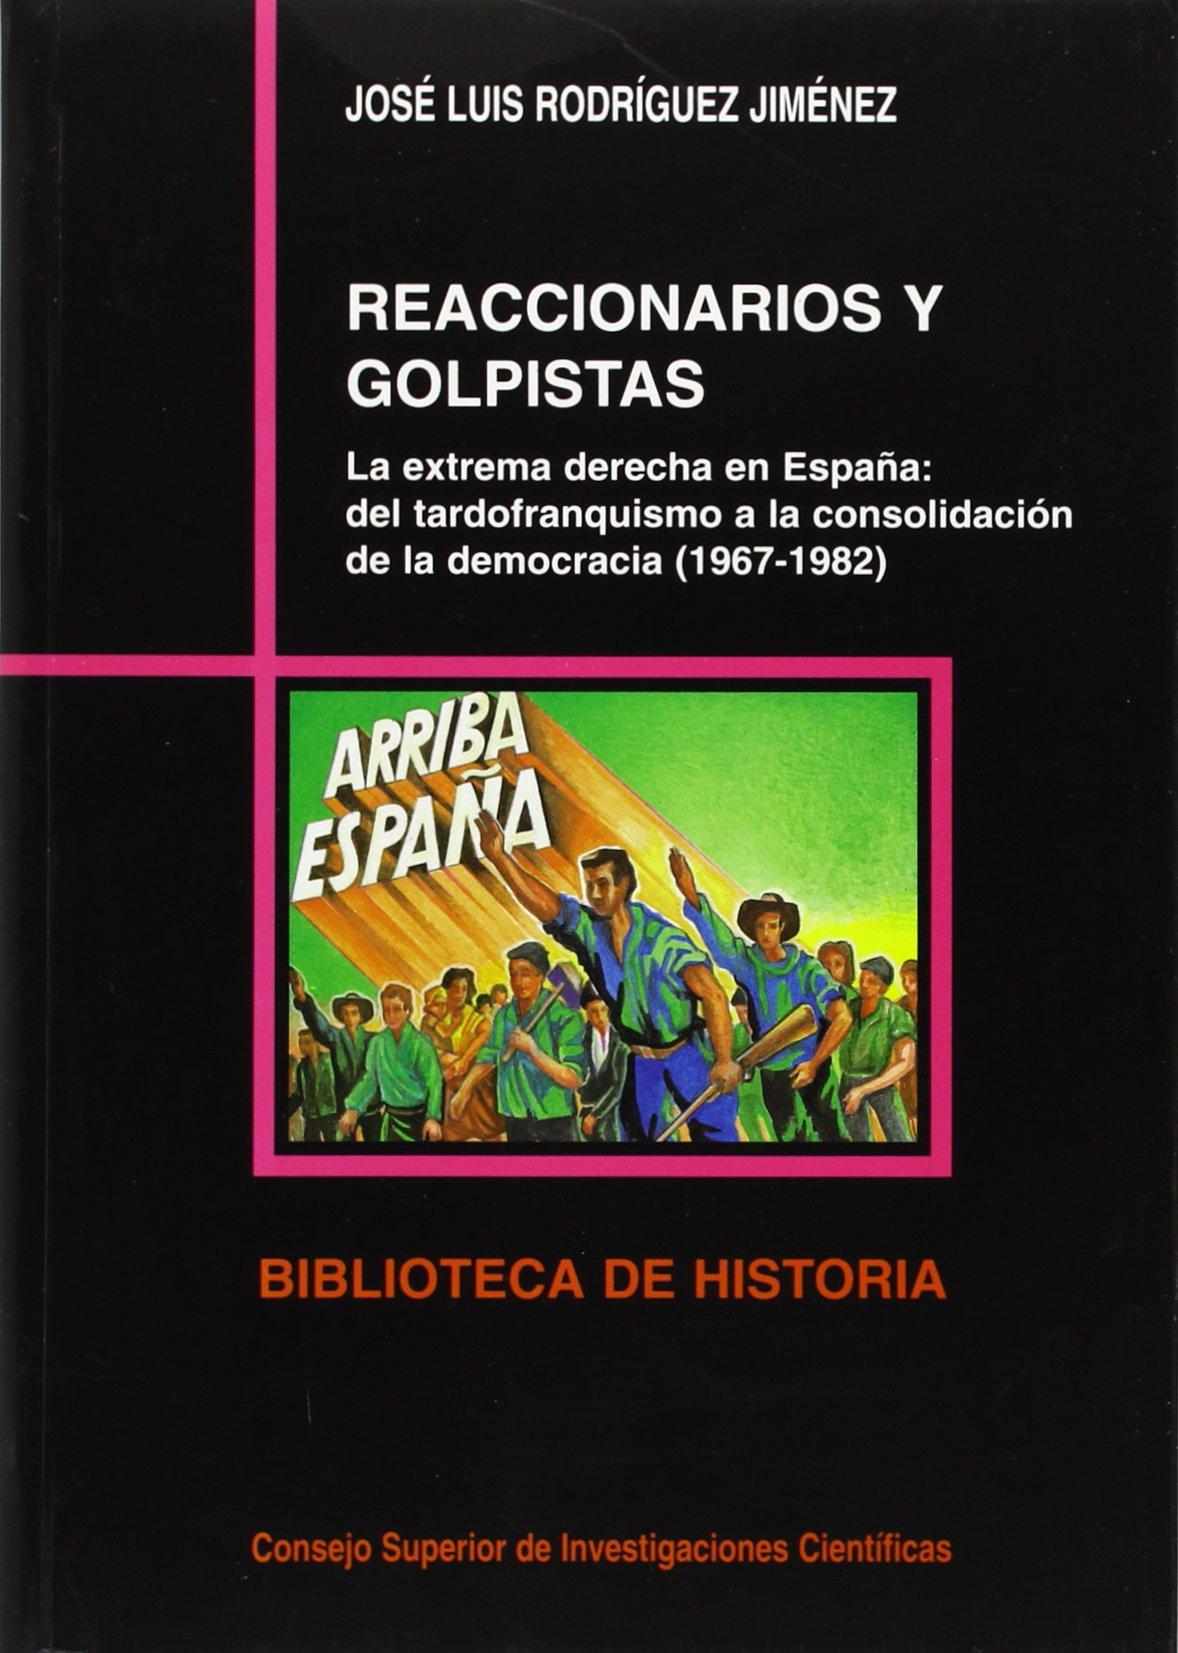 Reaccionarios y golpistas: La extrema derecha en España: del tardofranquismo a la consolidación de la democracia 1967-1982 Biblioteca de Historia: Amazon.es: Rodríguez Jiménez, José Luis: Libros